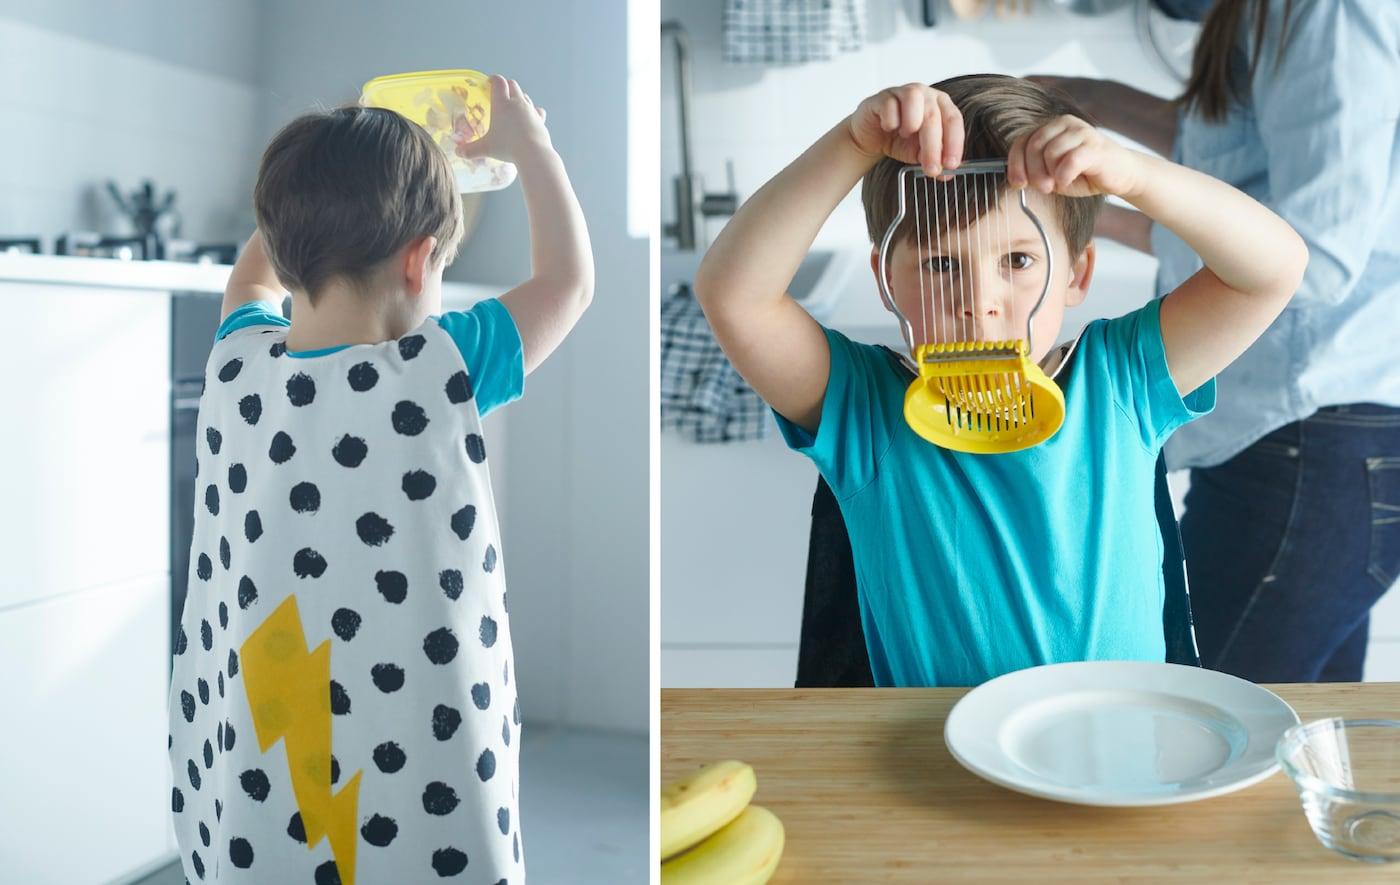 Un bambino si diverte a sbucciare l'aglio scuotendo un contenitore di plastica - IKEA